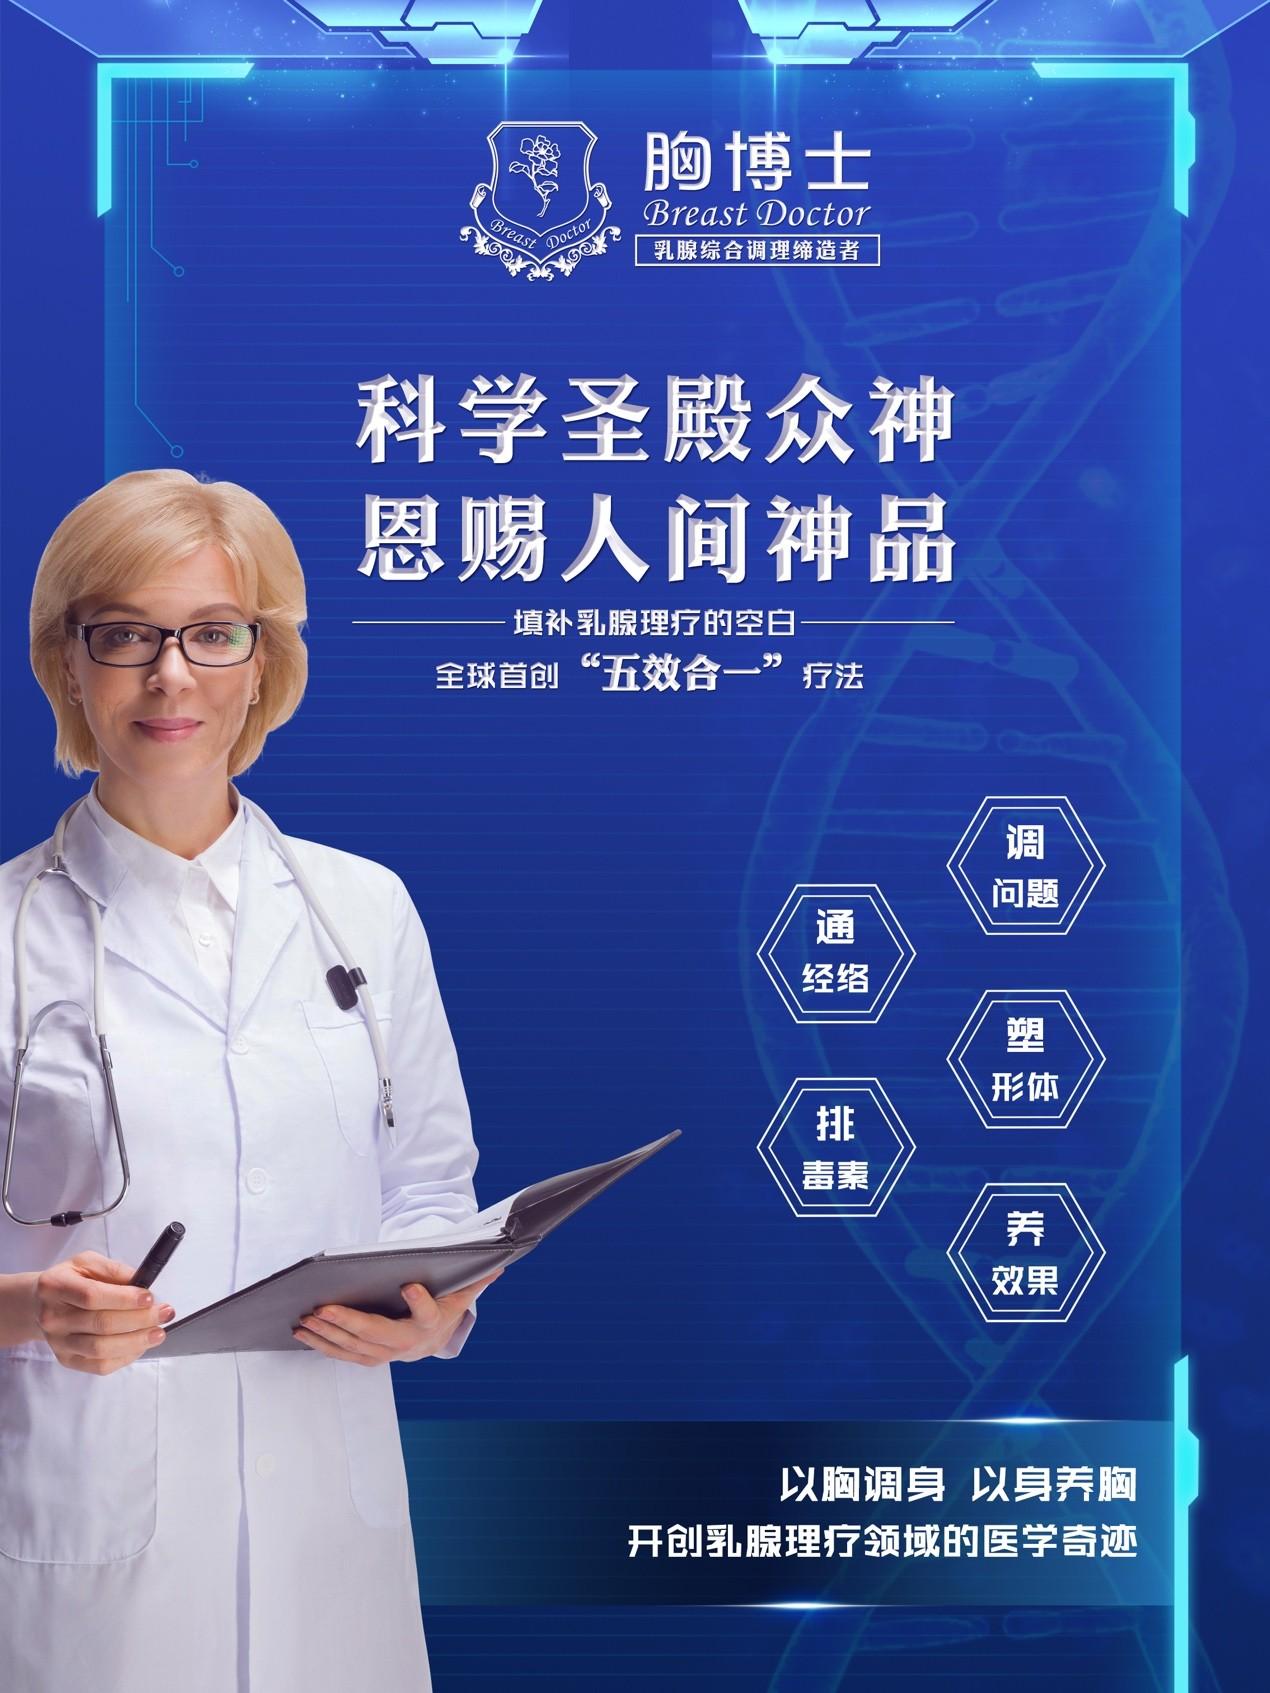 胸博士—乳腺全息调理缔造者,以身养胸,以胸调身